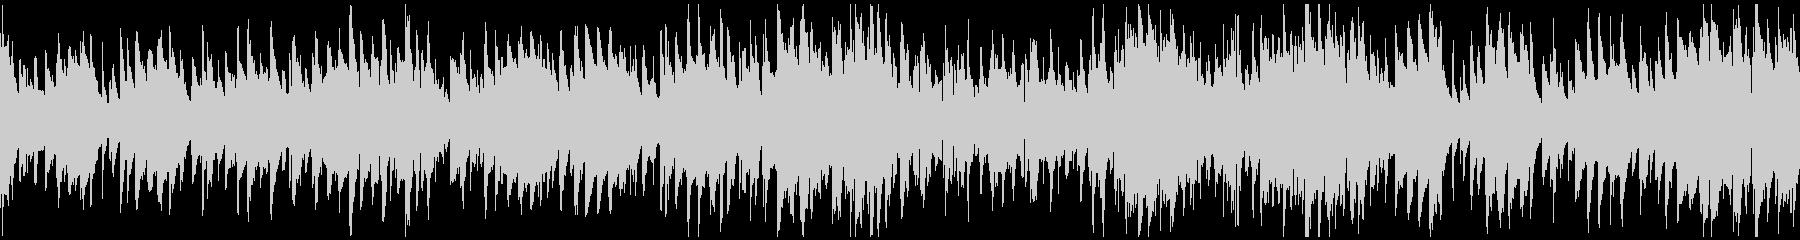 スパイ、ハードボイルド系ジャズ※ループ版の未再生の波形